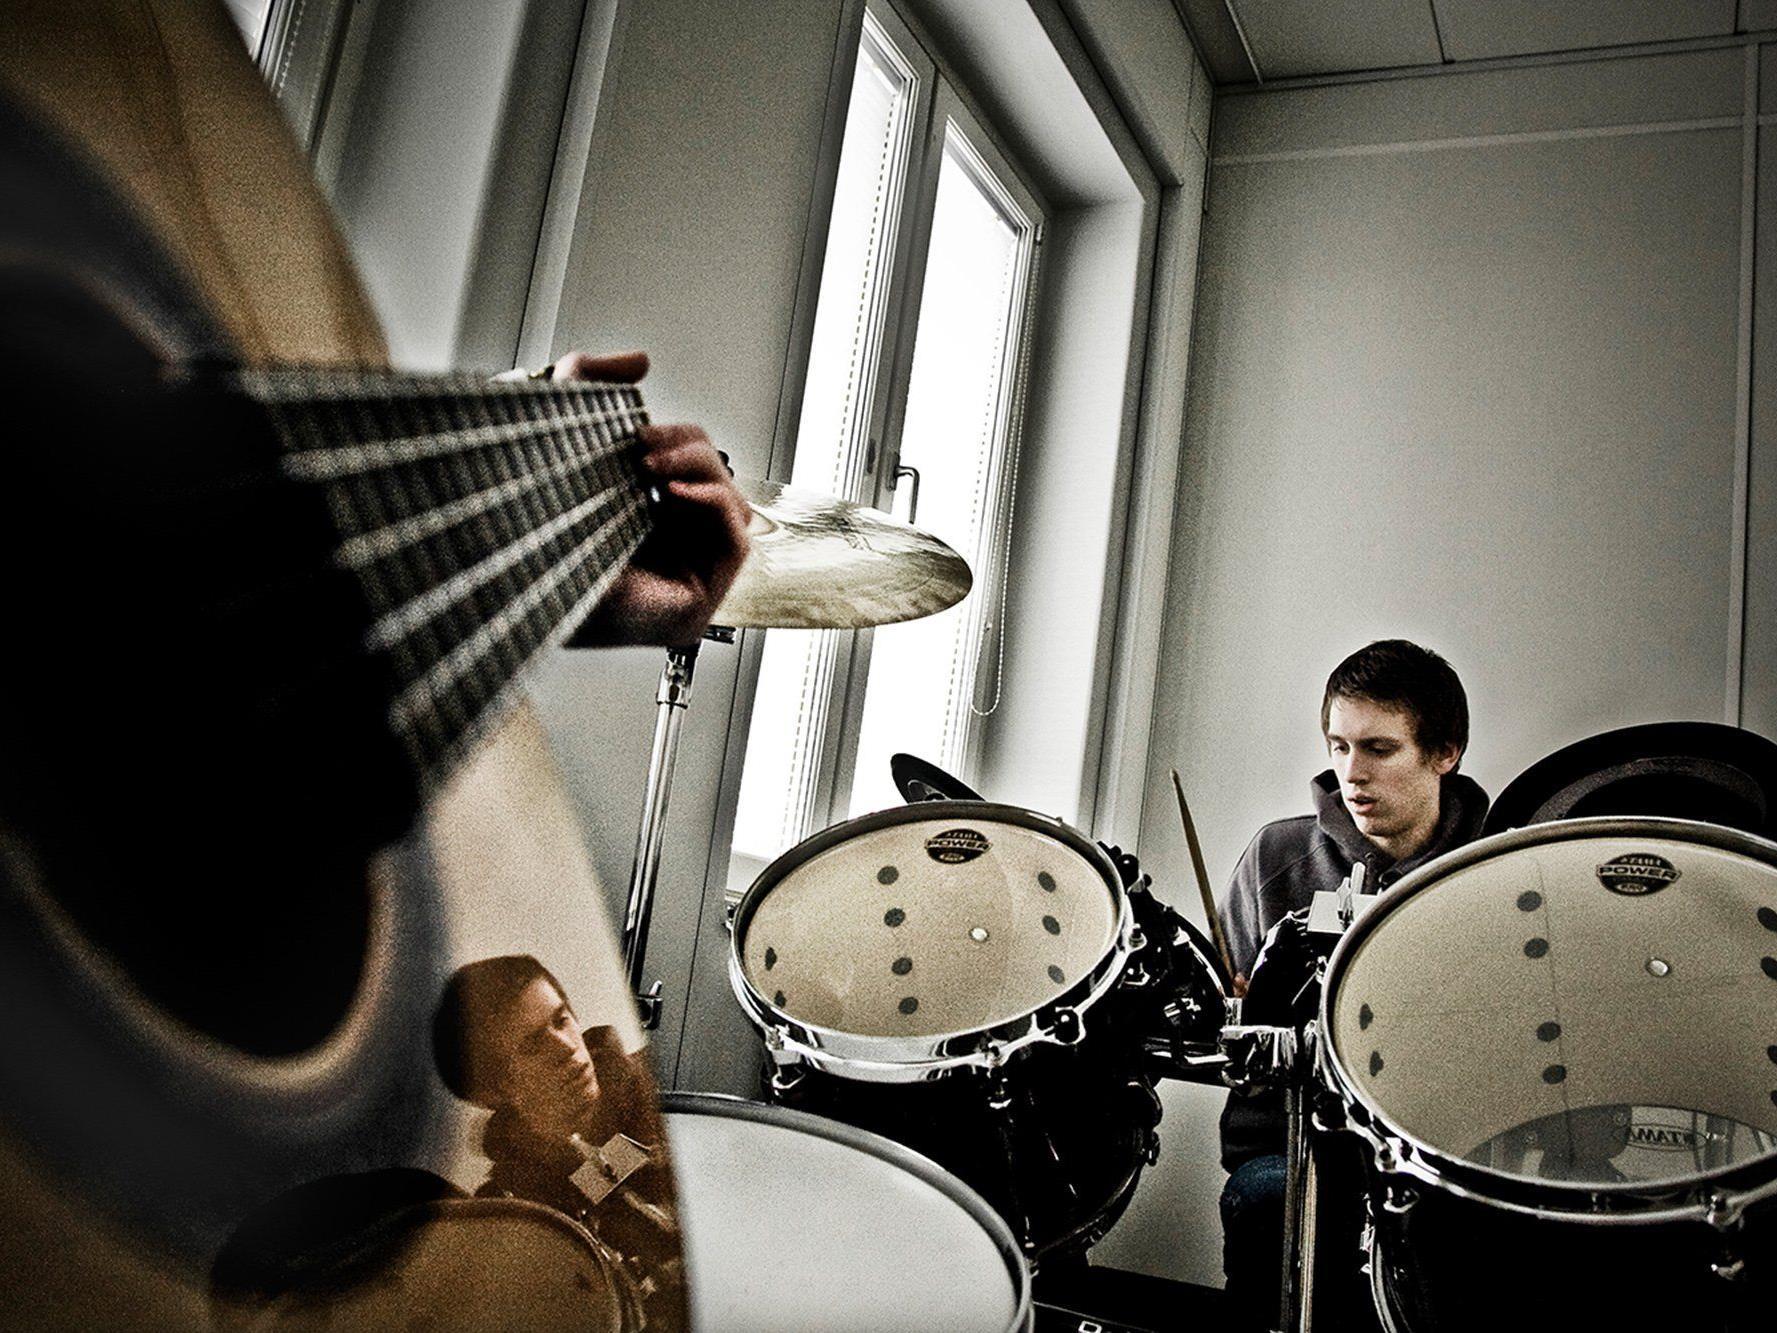 Improvisation hautnah erleben mit v:tunes am 10. Mai in der Villa K.